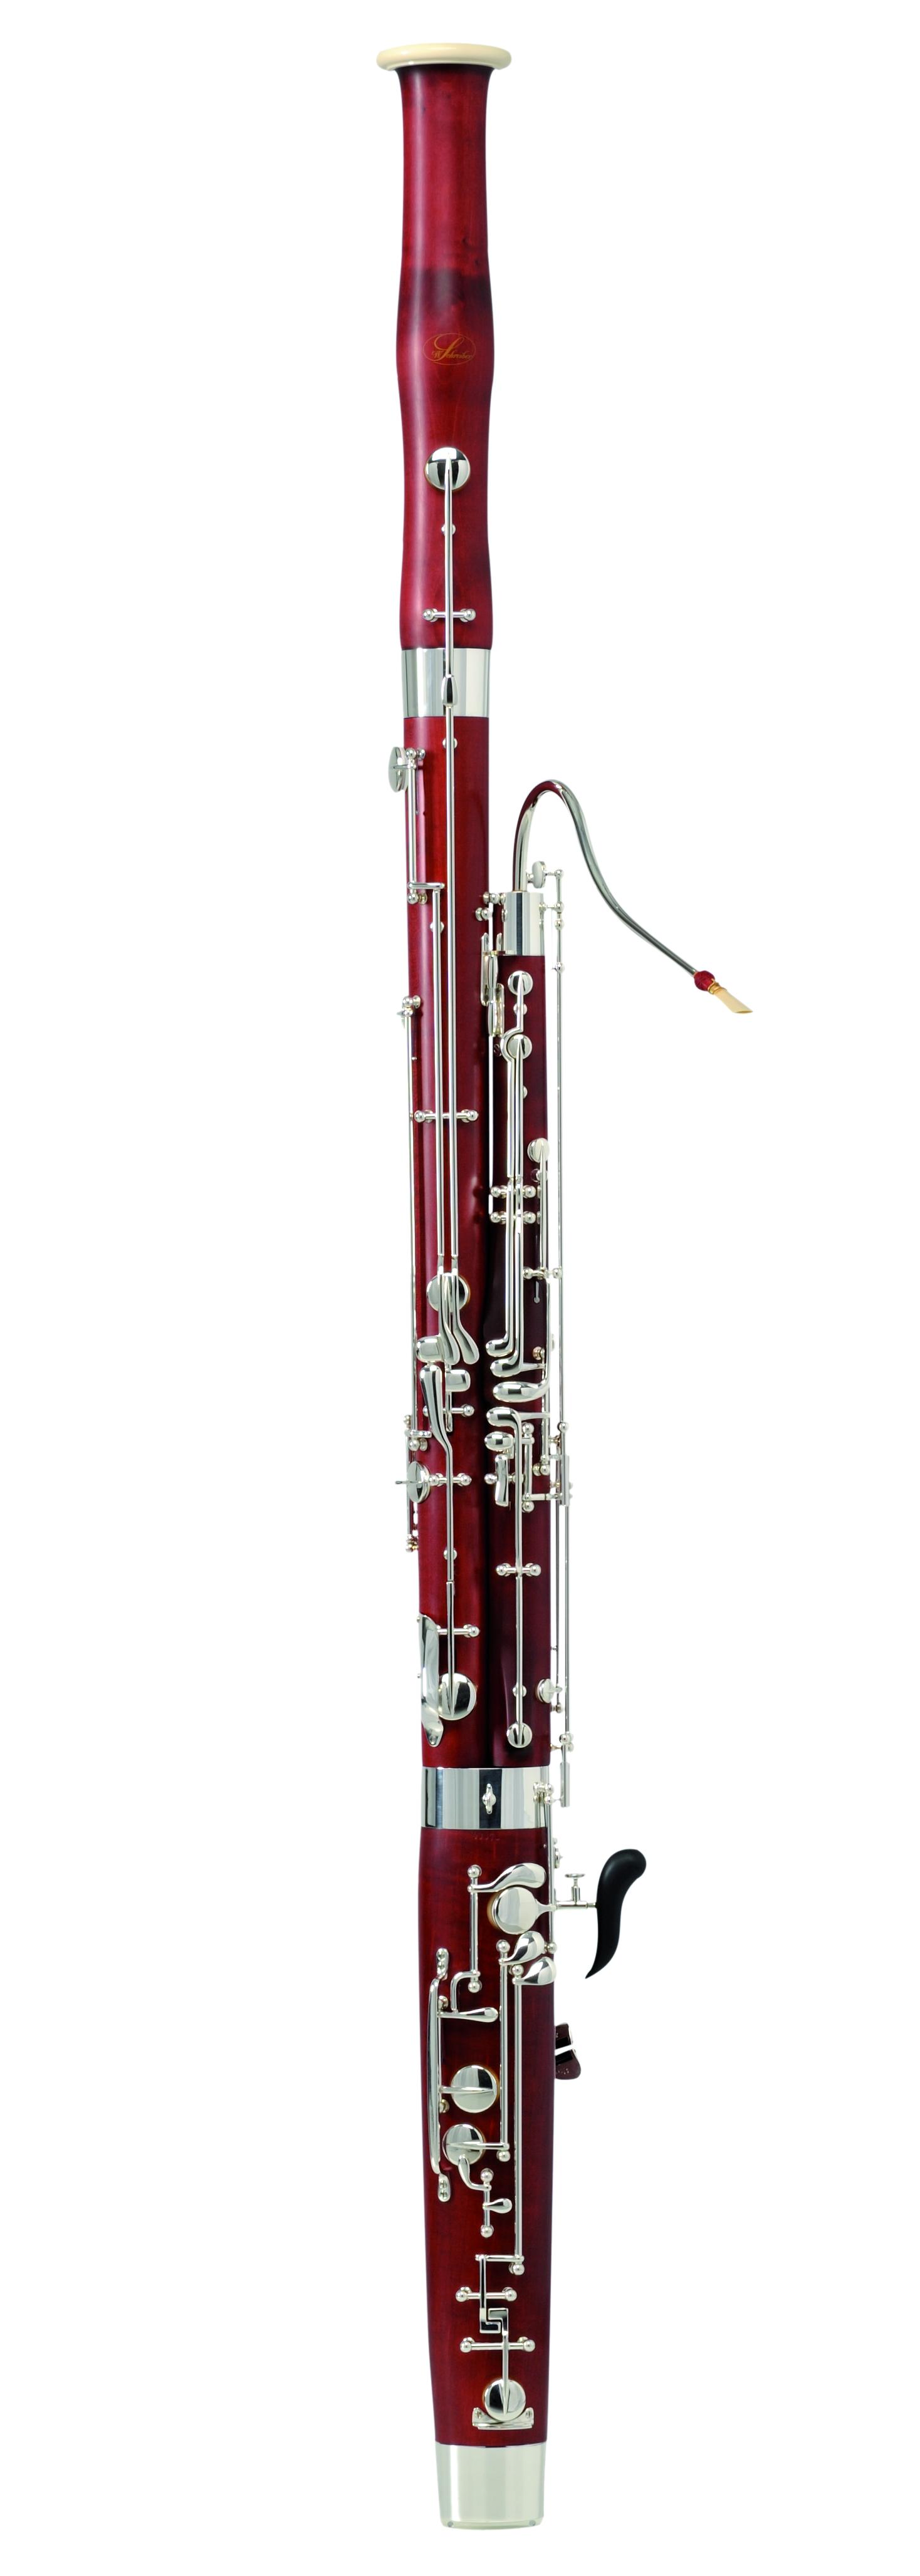 Schreiber - WS5016 - BH - 2 - 0 - S16 - Holzblasinstrumente - Fagotte | MUSIK BERTRAM Deutschland Freiburg